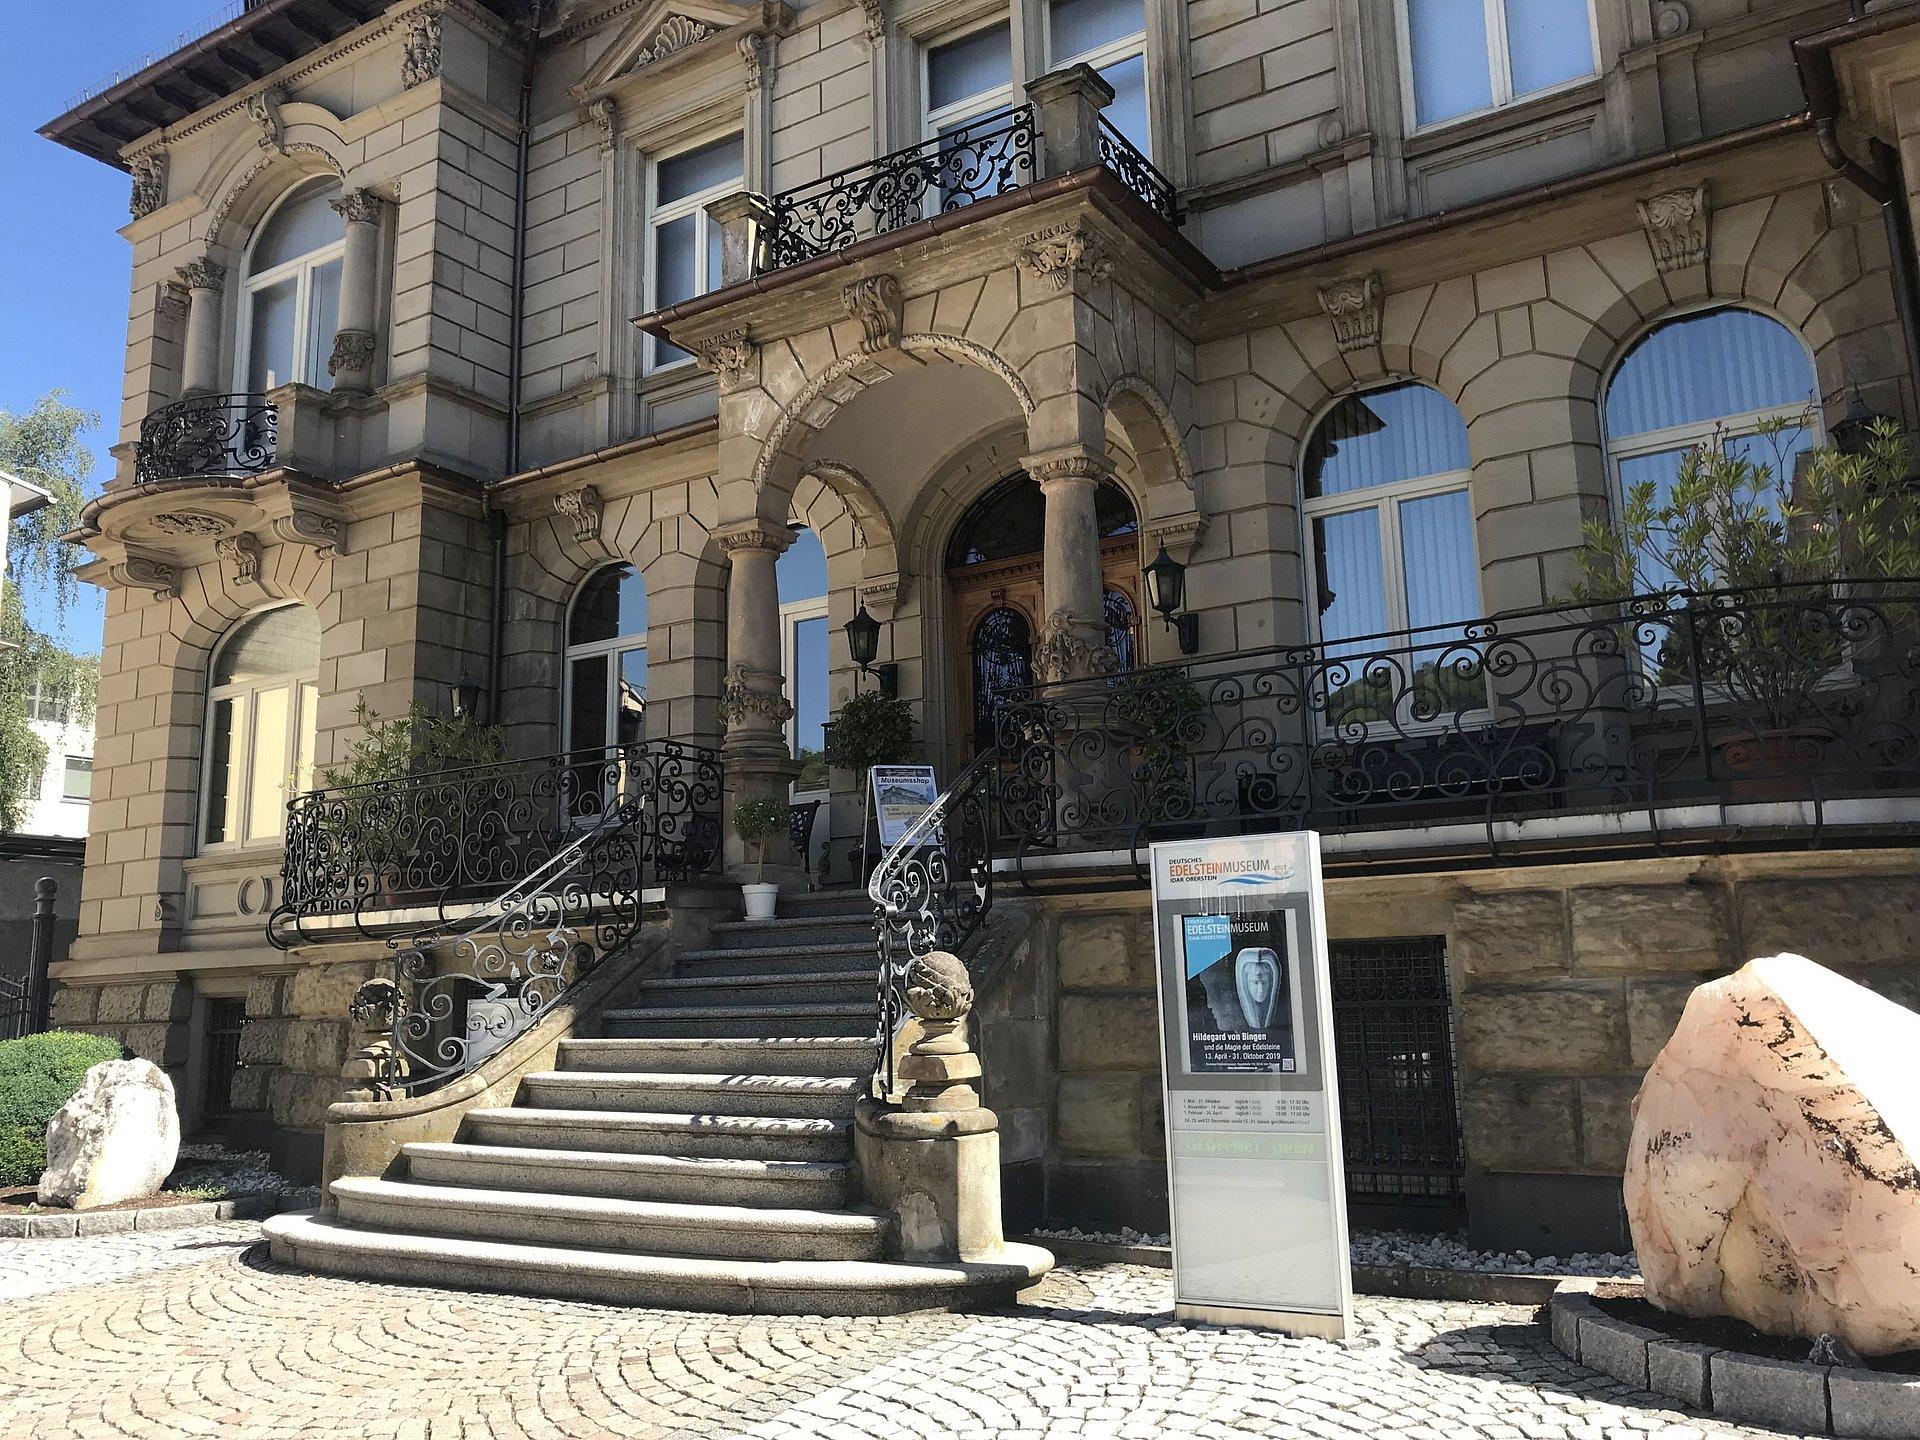 Het Duitse edelsteenmuseum in Idar-Oberstein, Nahe-regio